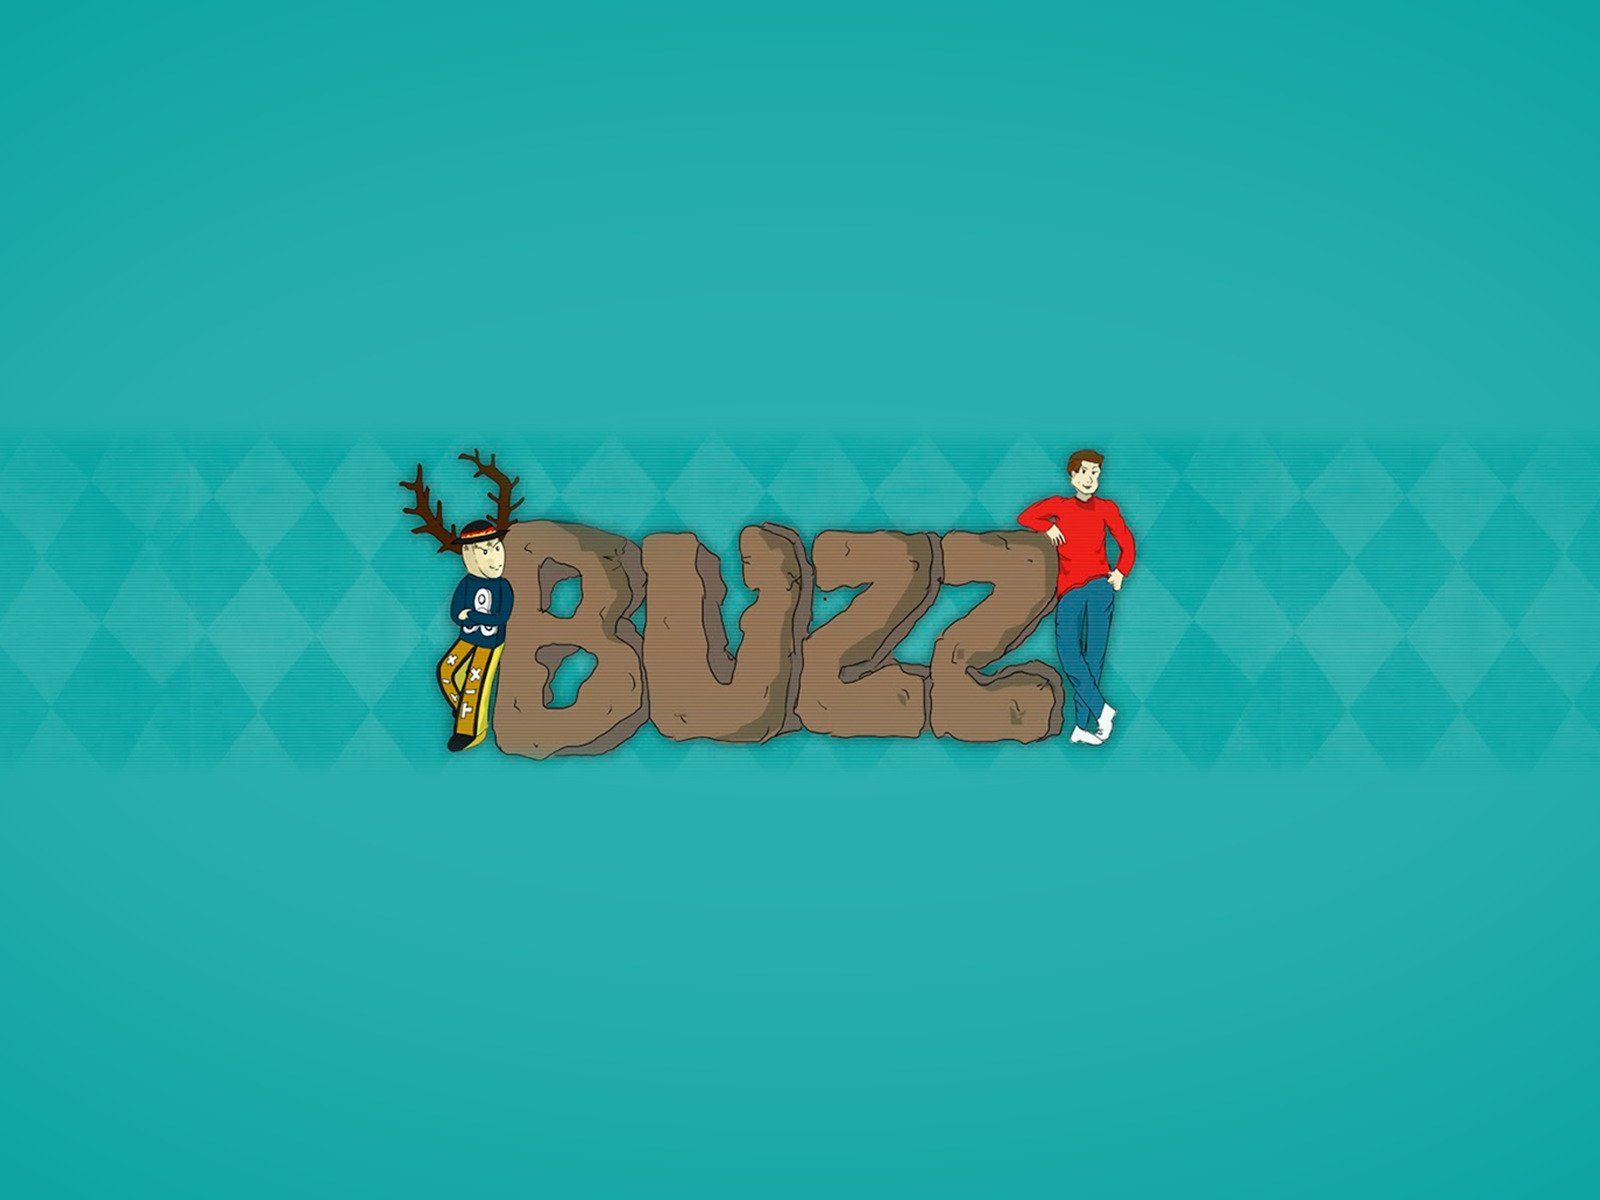 Buzz - Season 2